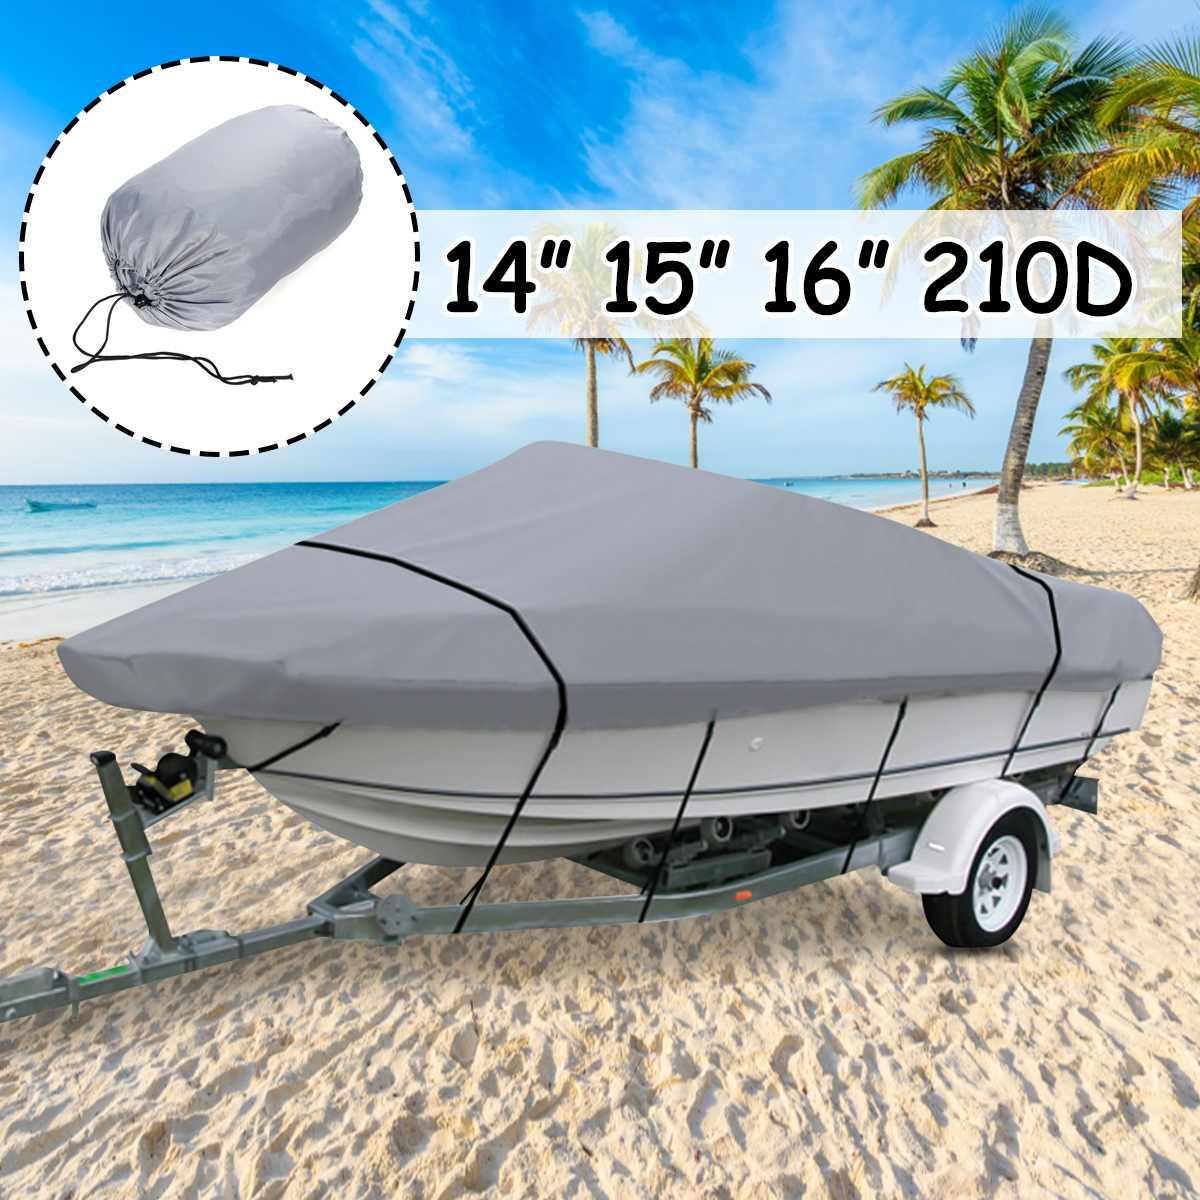 Gris 530X290 cm v-hull remorqueur lourd couverture de bateau étanche pêche Ski basse pour hors-bord v-shape